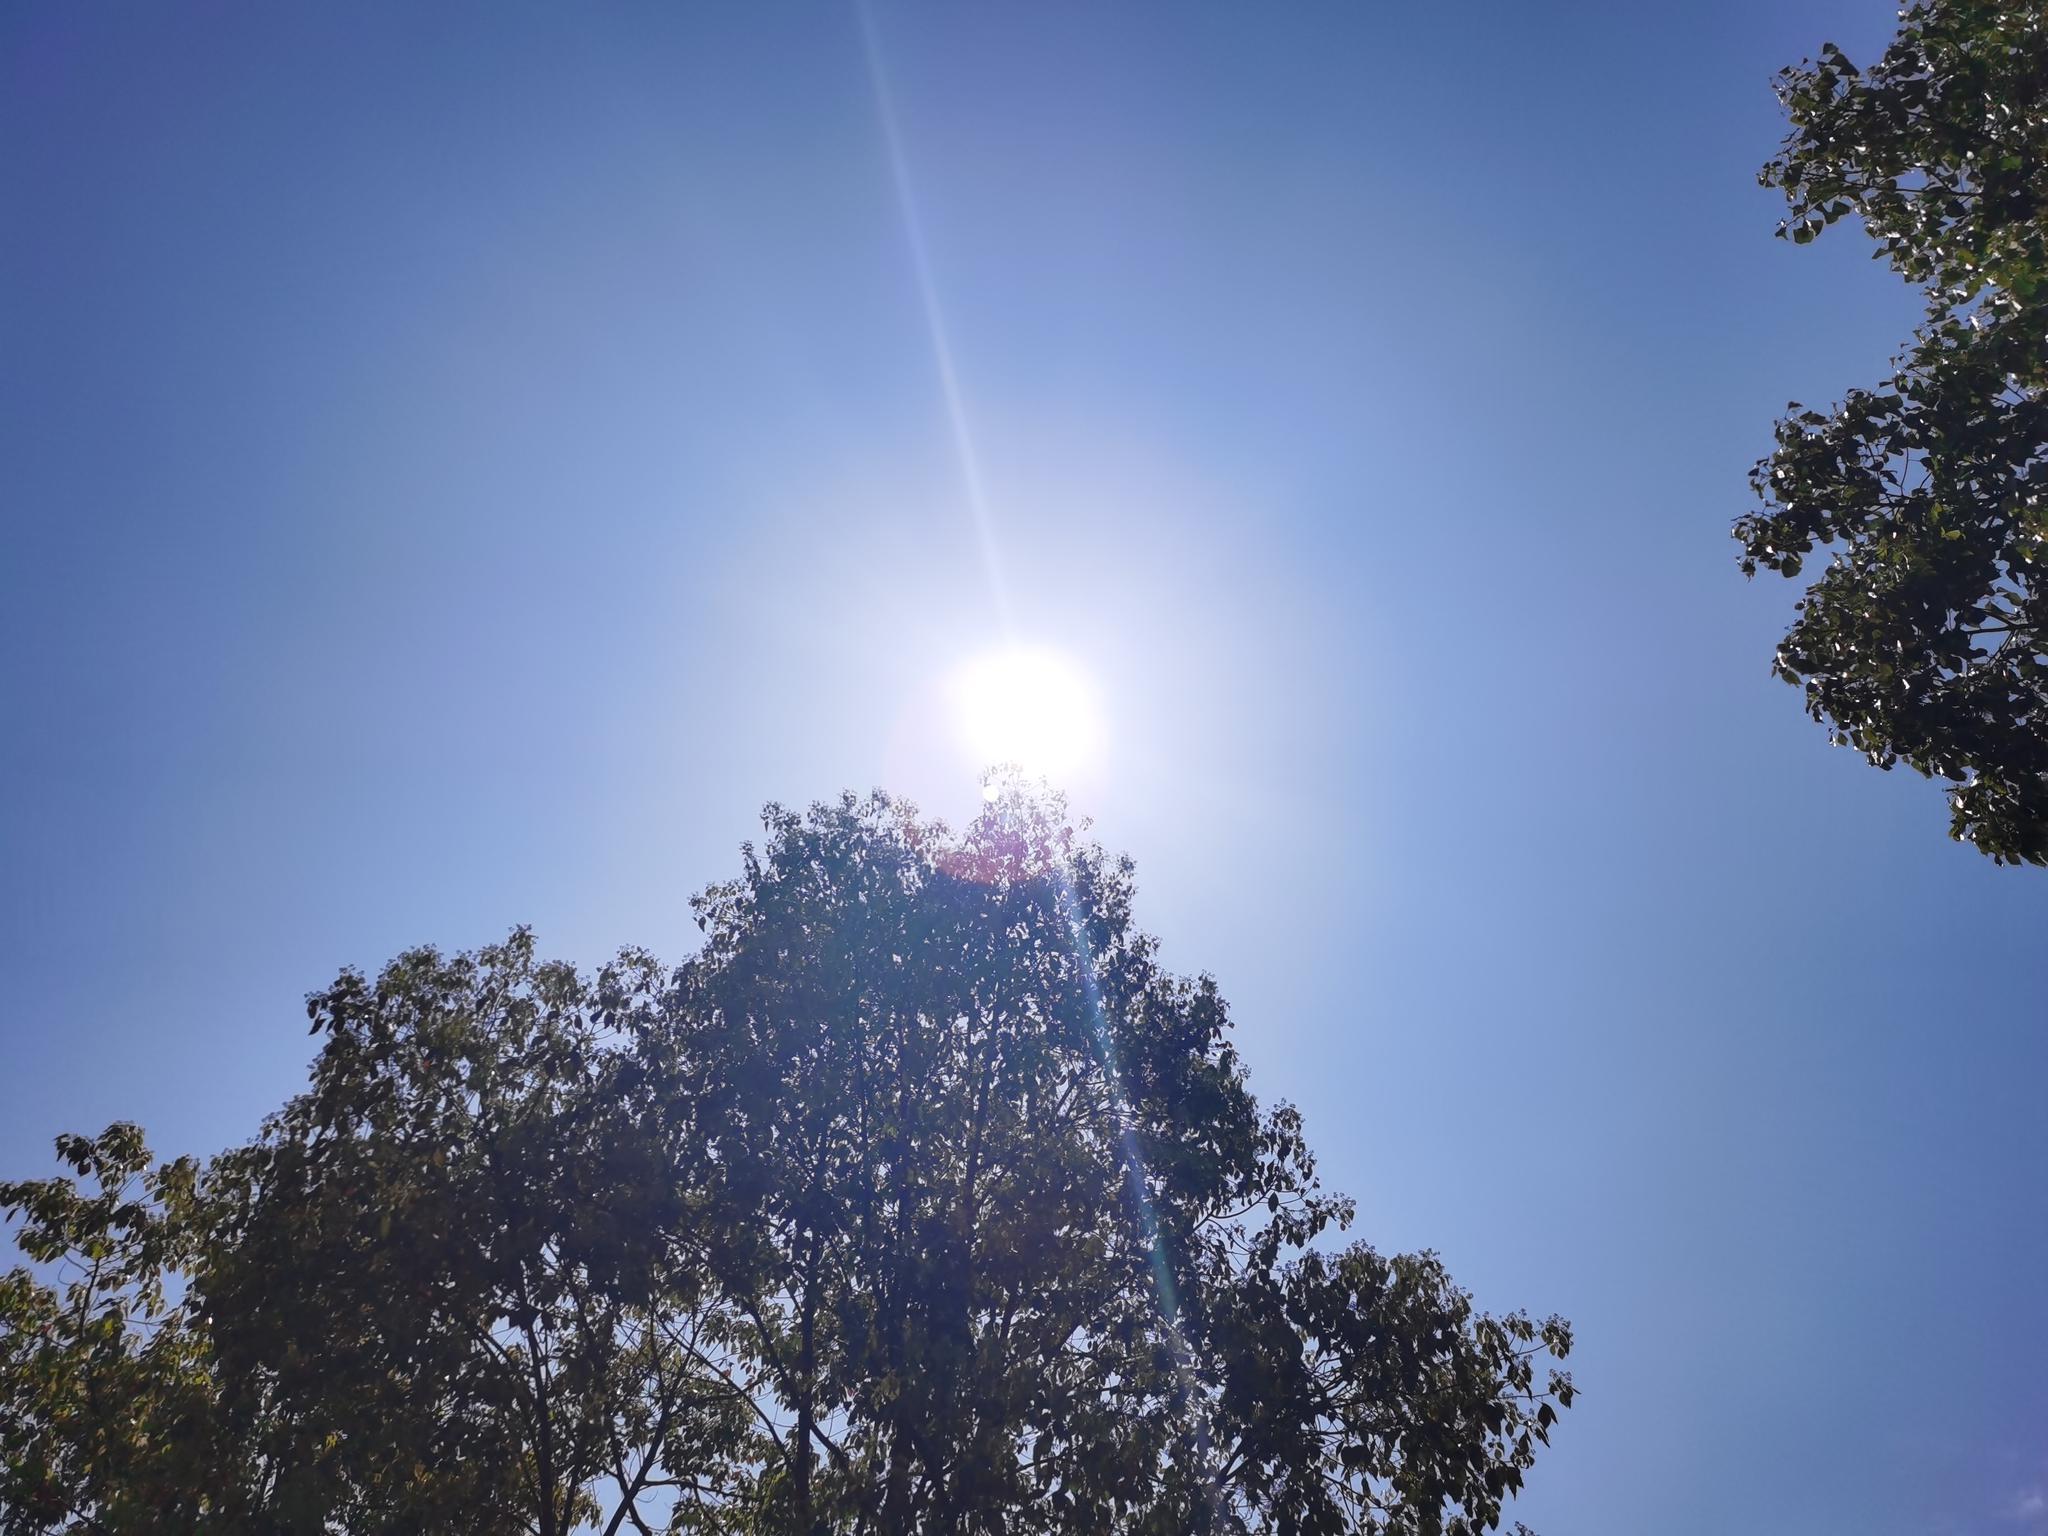 泸州8月平均气温较常年高0.3至0.8℃ 秋老虎可能比盛夏还炎热